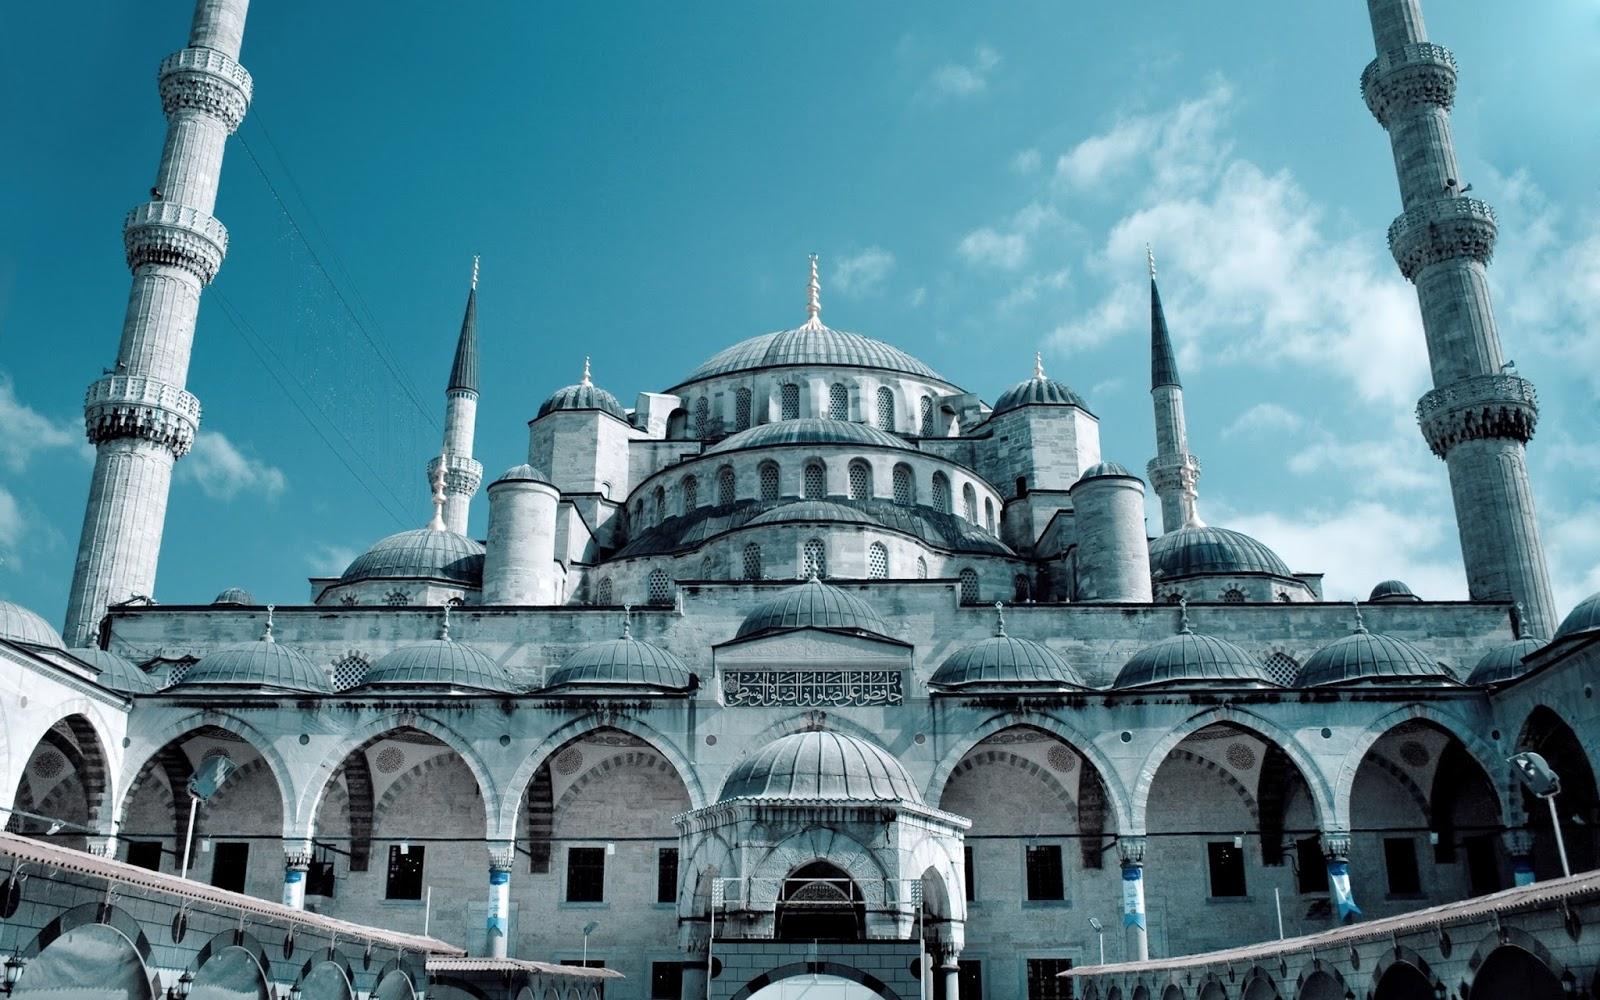 download wallpaper islami gambar masjid terindah resolusi